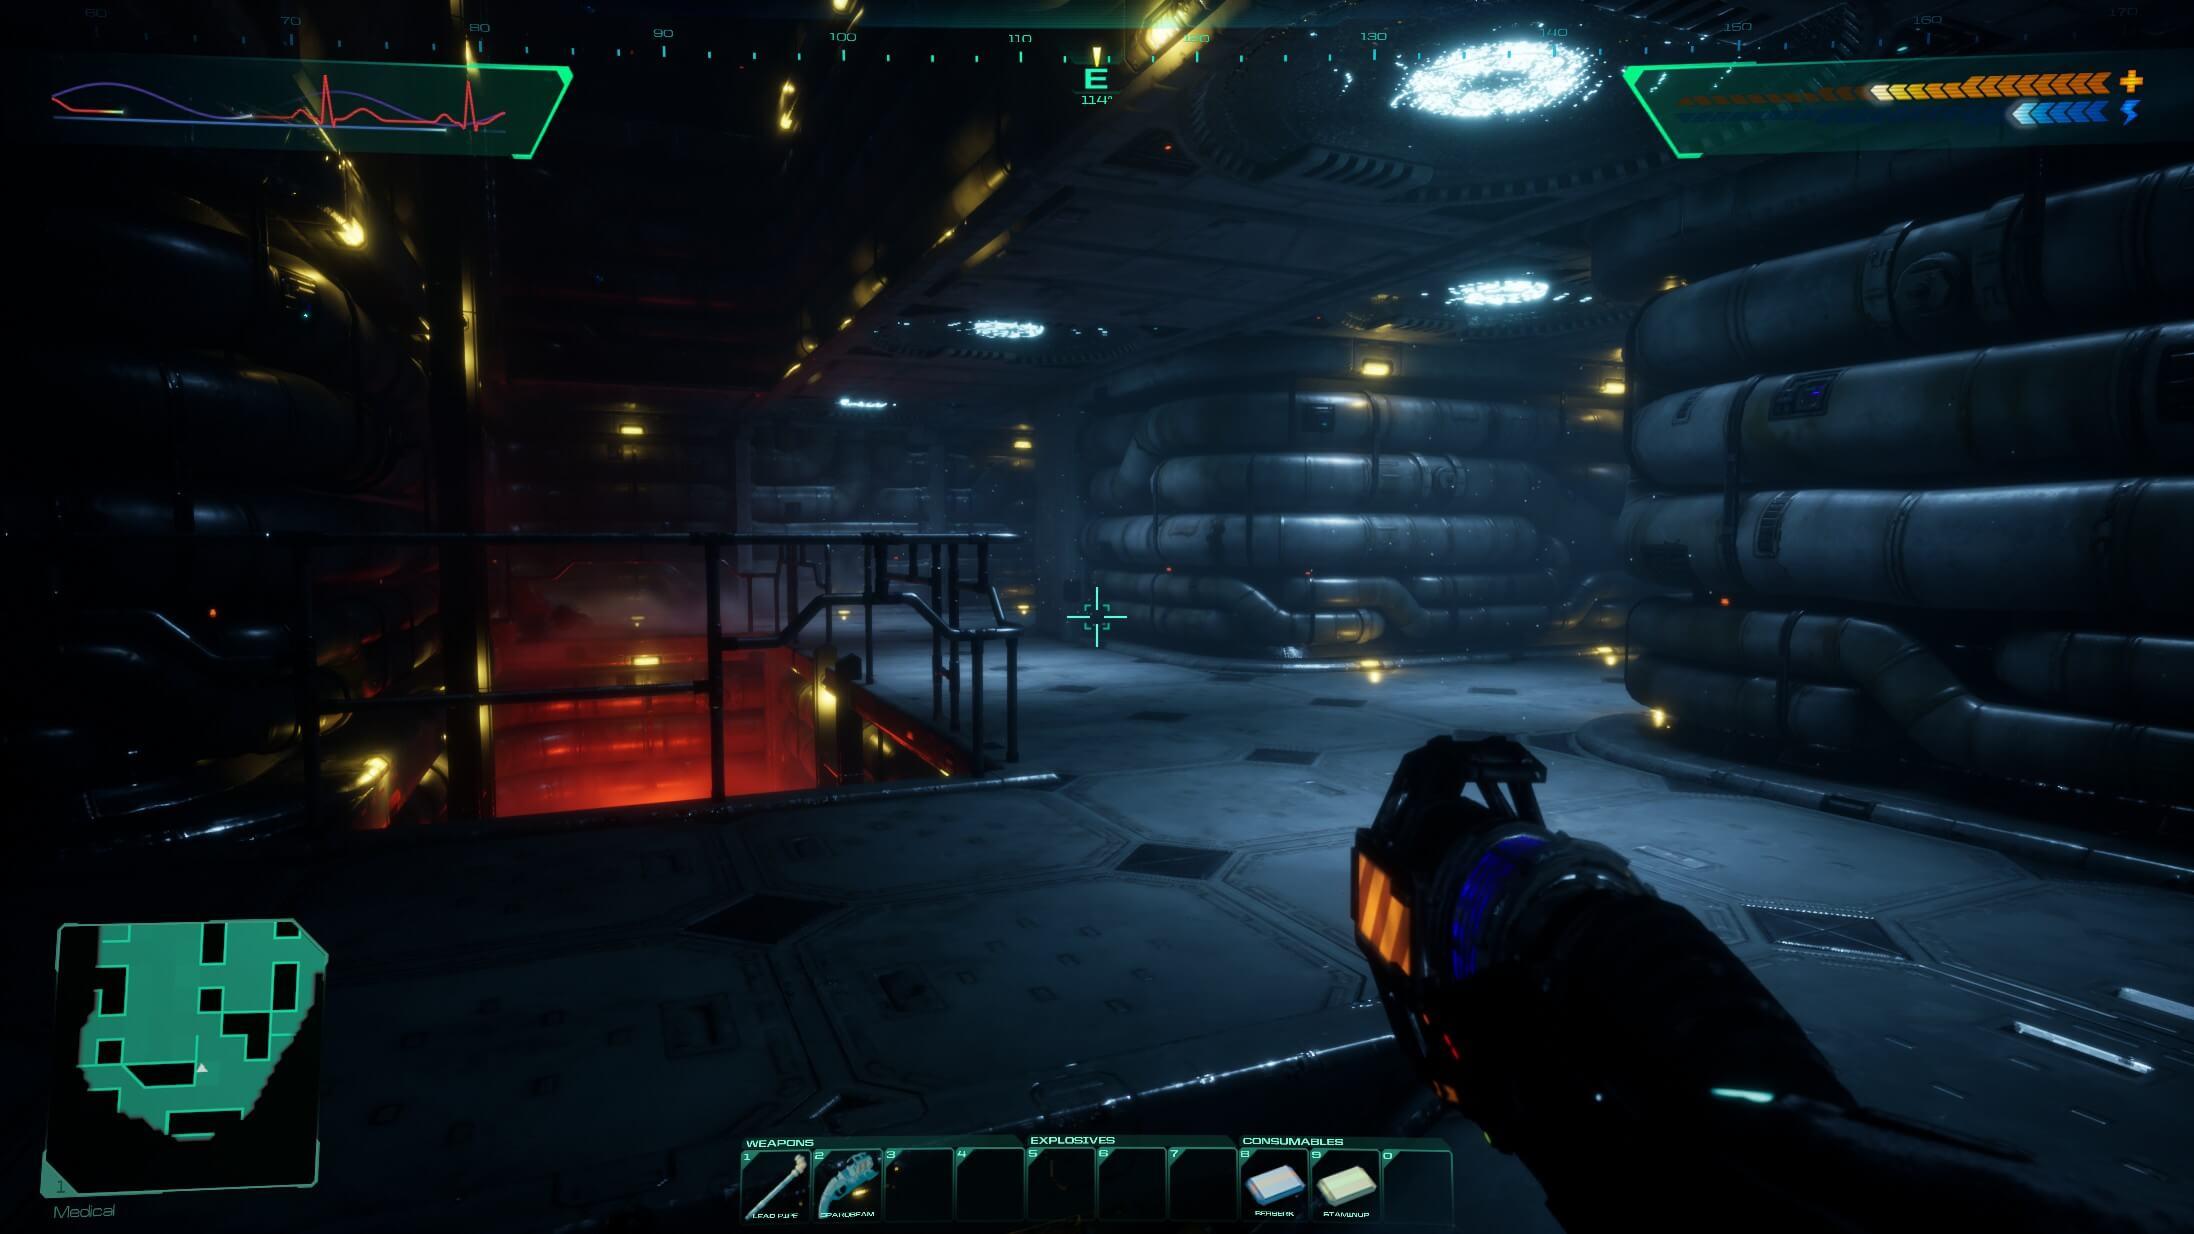 Remake de Choque do Sistema - Demonstração do Unreal Engine 4